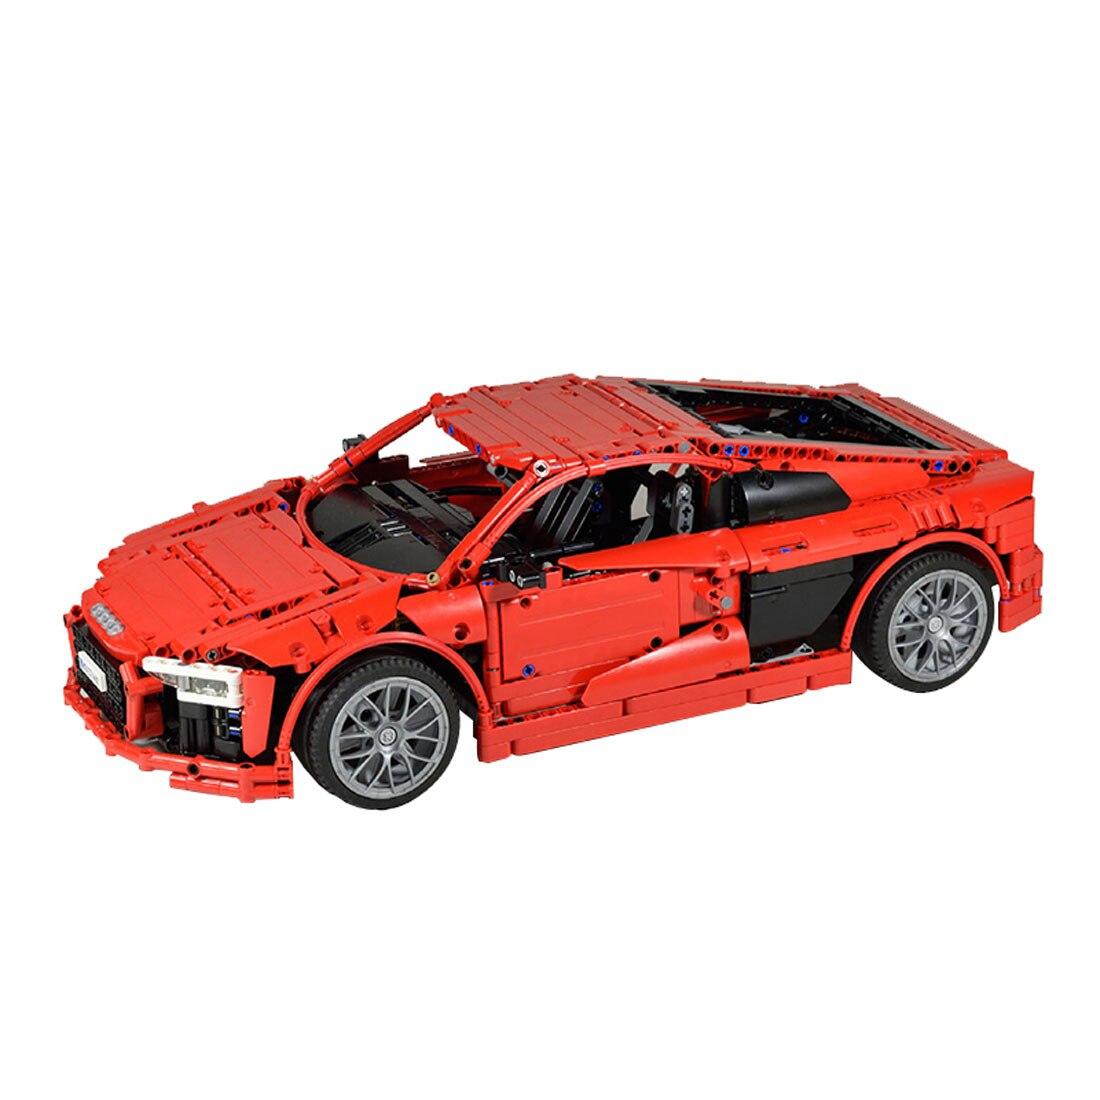 Haute qualité 1839 pièces MOC sport voiture véhicule modèle haut niveau assemblage petite particule bloc de construction ensemble-rouge